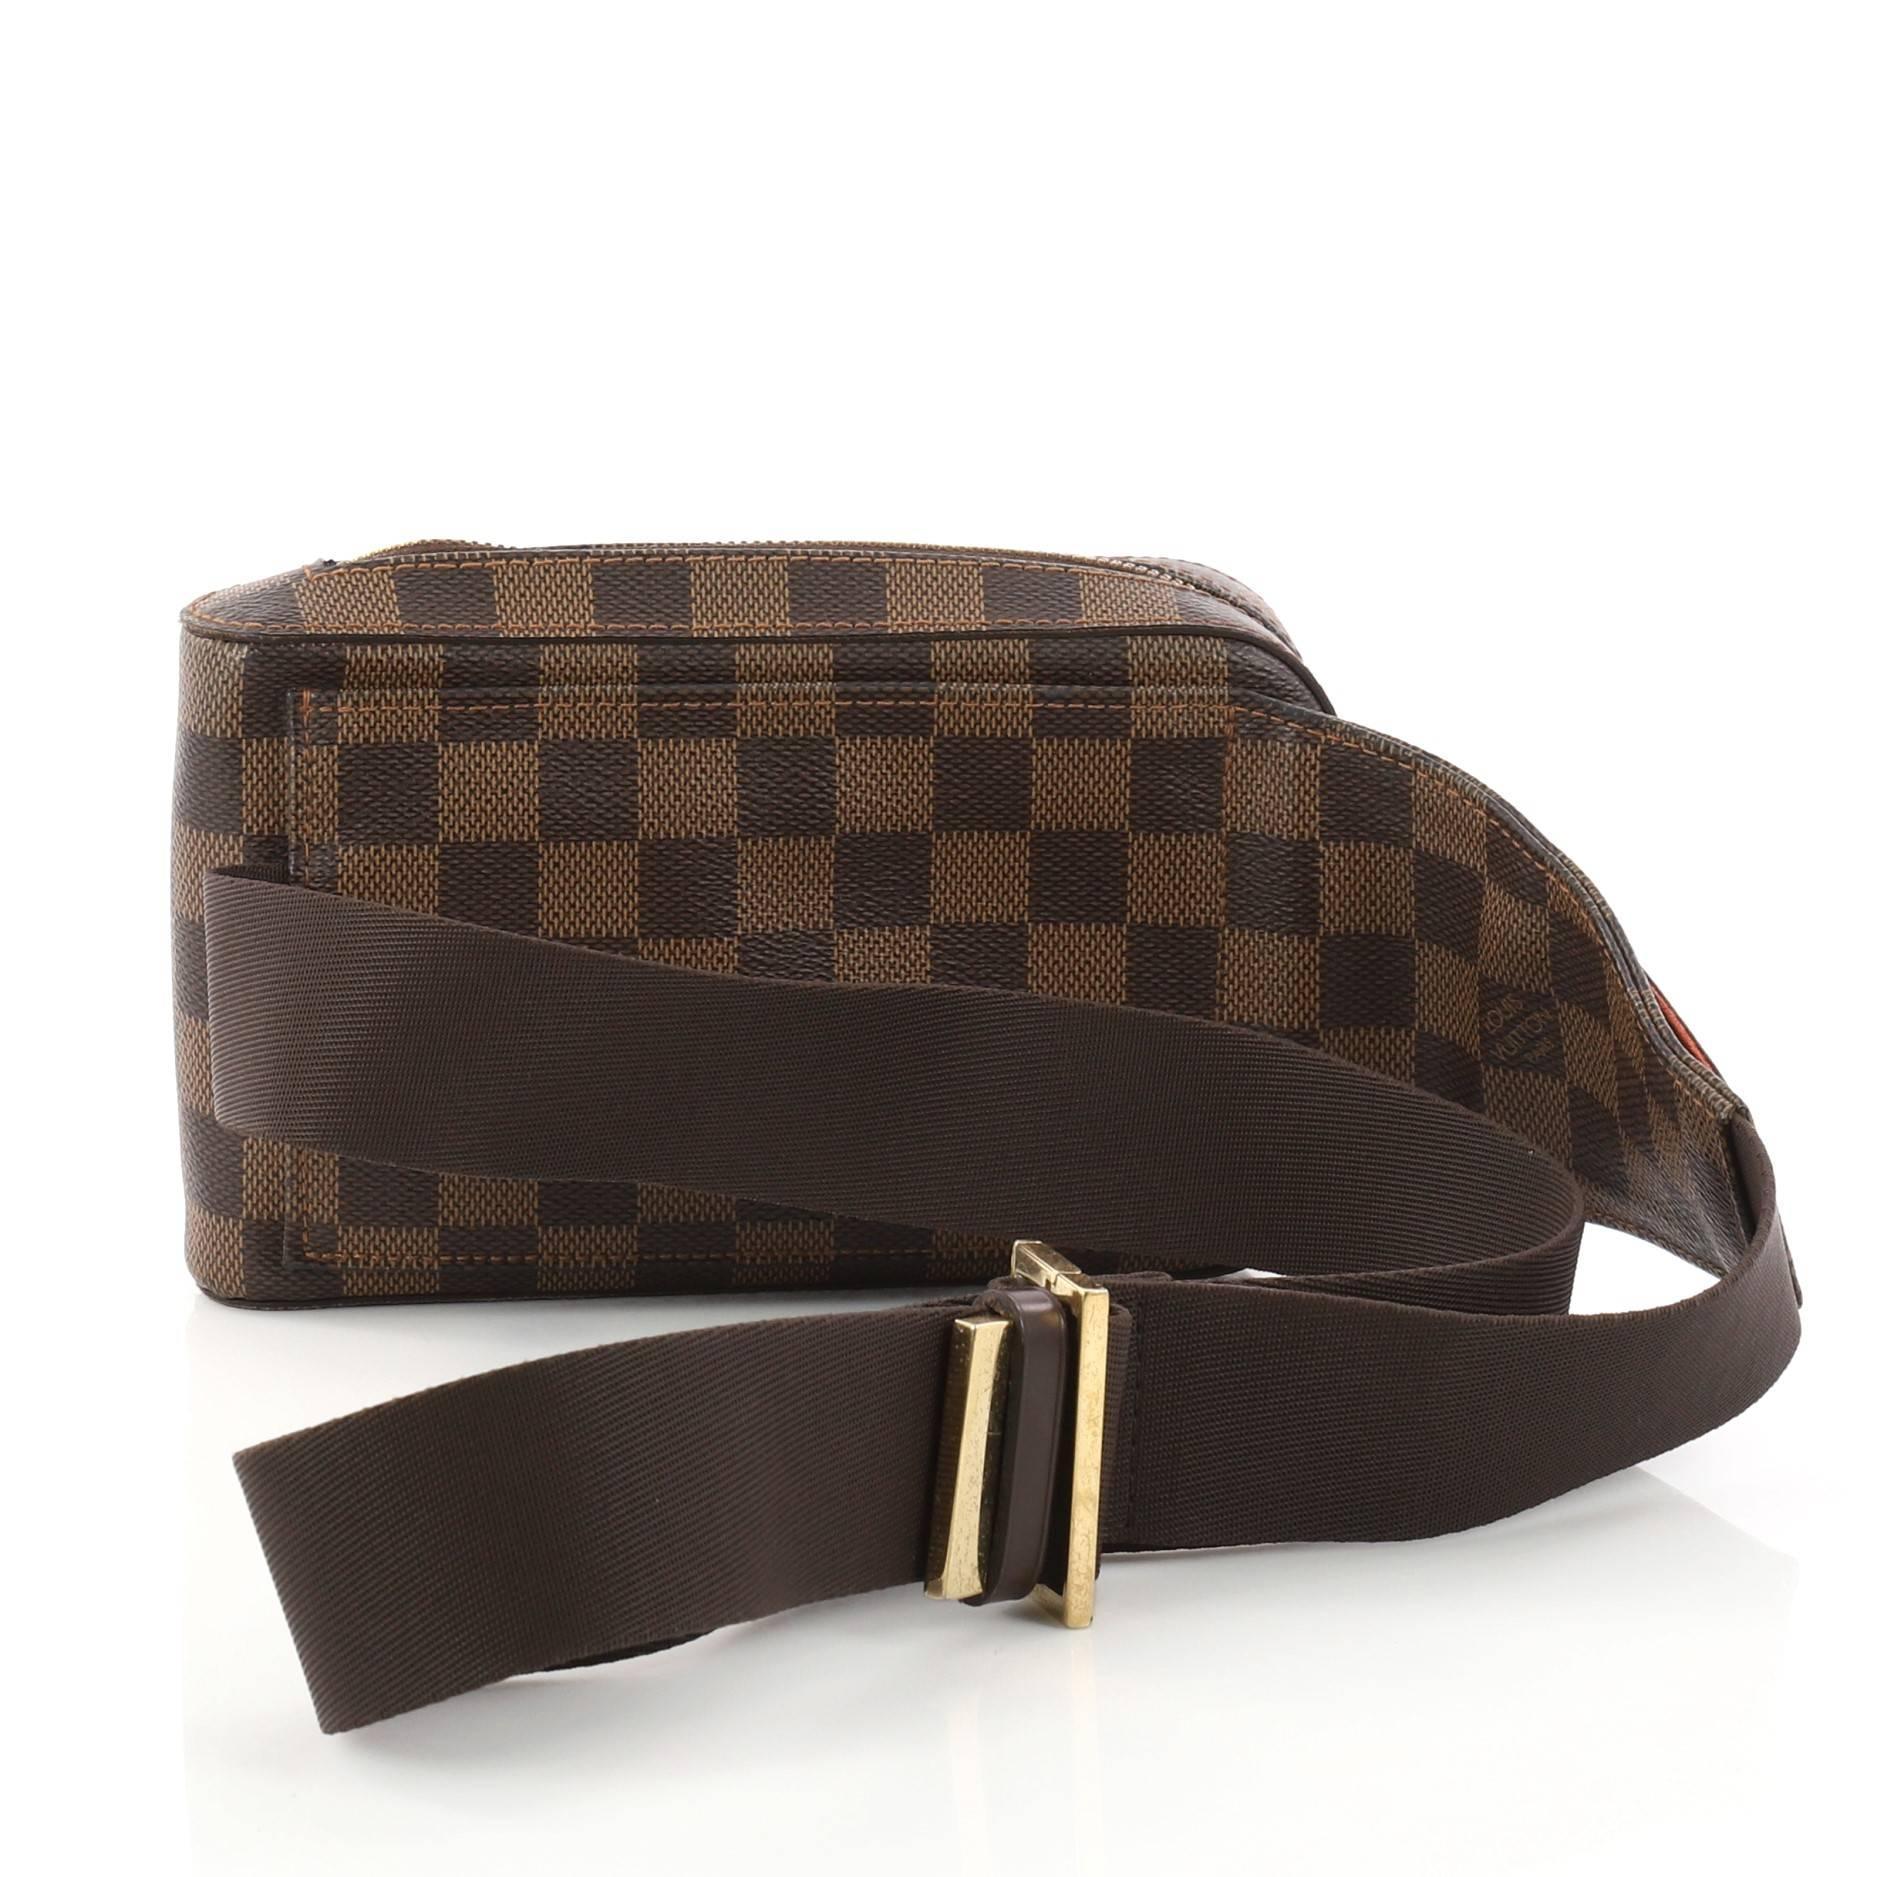 d3a8ea94516b Louis Vuitton Geronimos Waist Bag Damier at 1stdibs